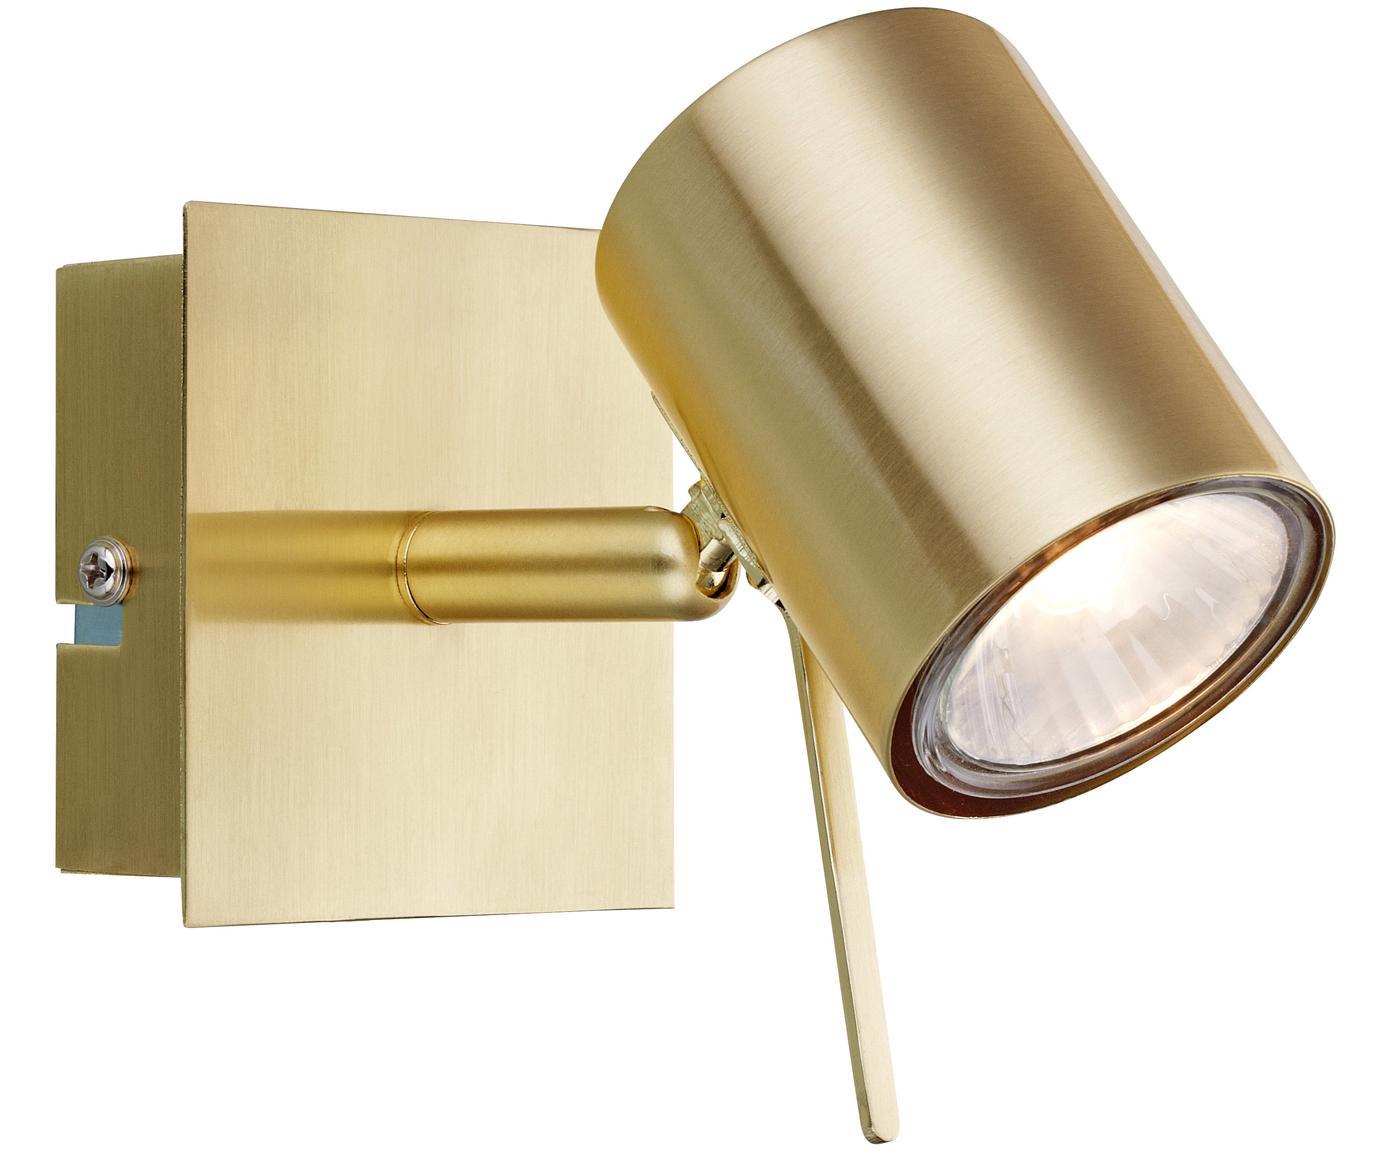 Aplique Hyssna, con enchufe, Metal, latón cepillado, Latón, An 8 x Al 9 cm